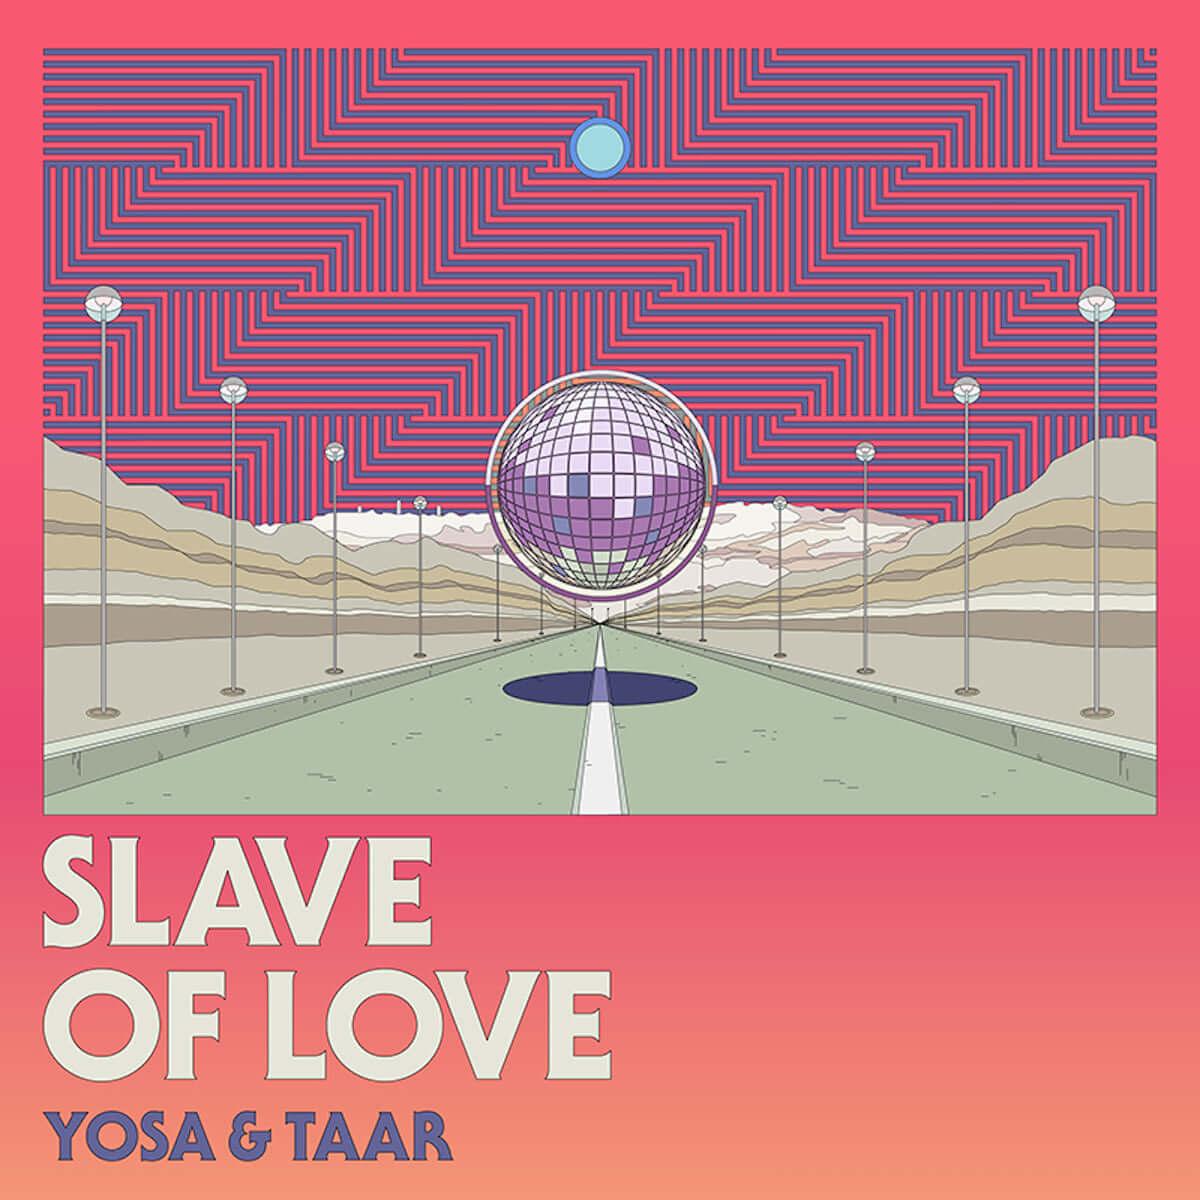 「MODERN DISCO」のレジデントYOSAとTAARによる共同プロジェクトが始動|第1弾シングルには向井太一とMINMIが参加 music180831-yosa-taar-1-1200x1200